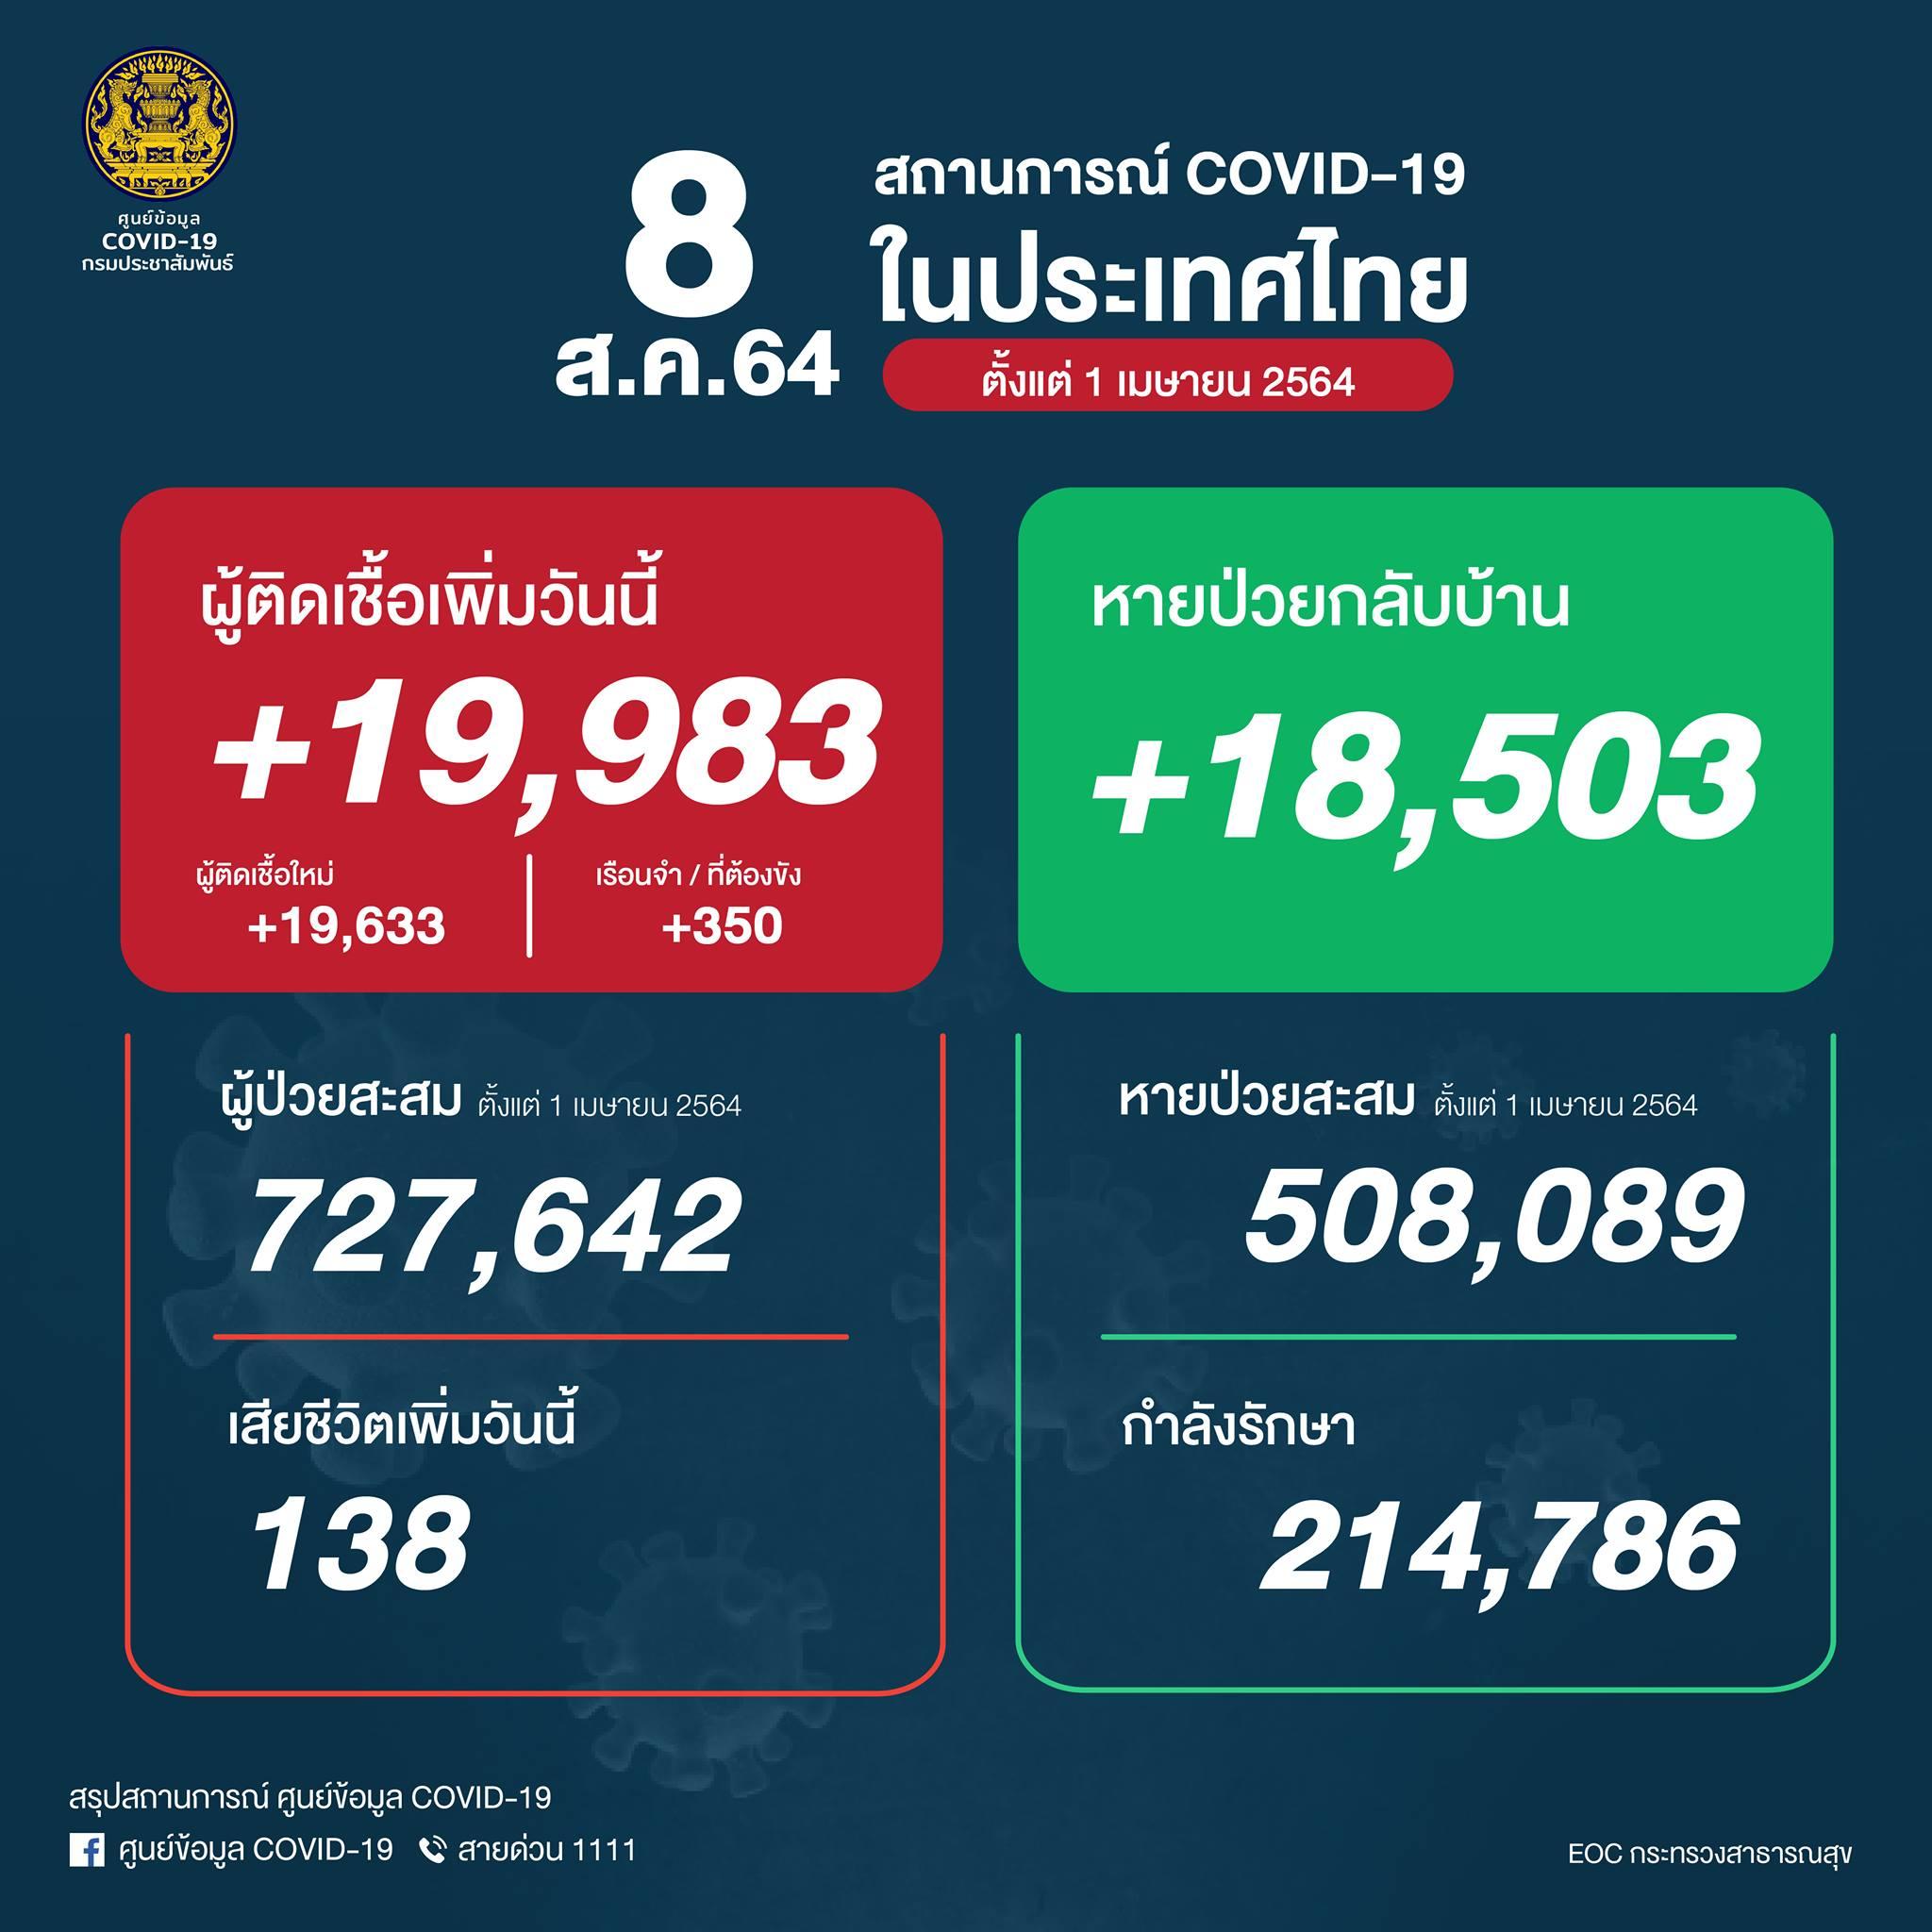 タイ 陽性19,983人、死亡138人/回復18,503人[2021/8/8]